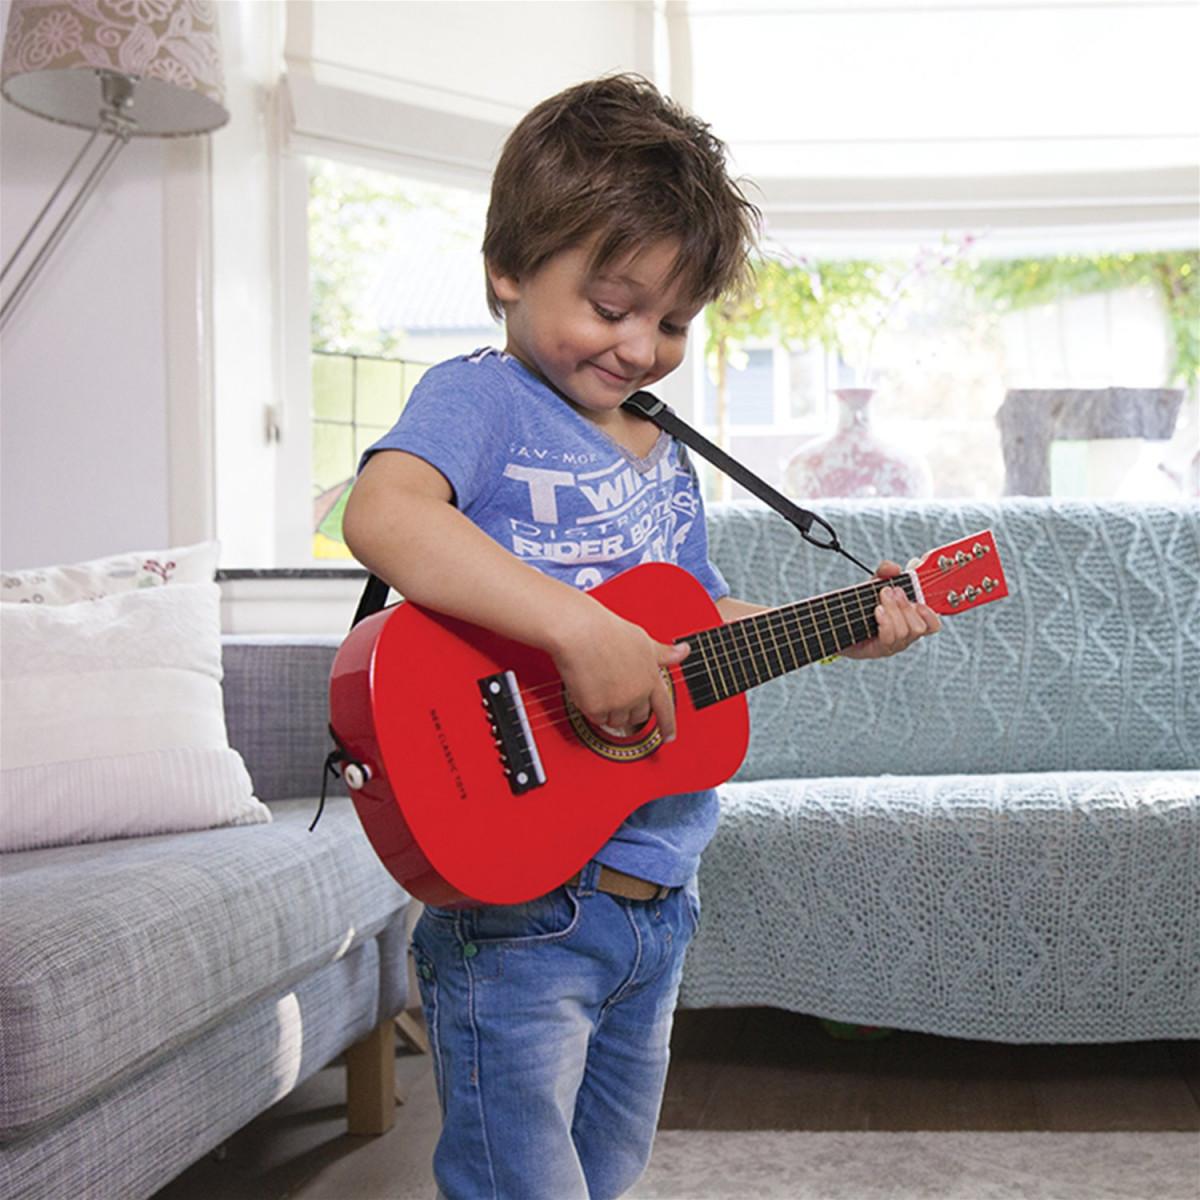 Guitare jouet rouge